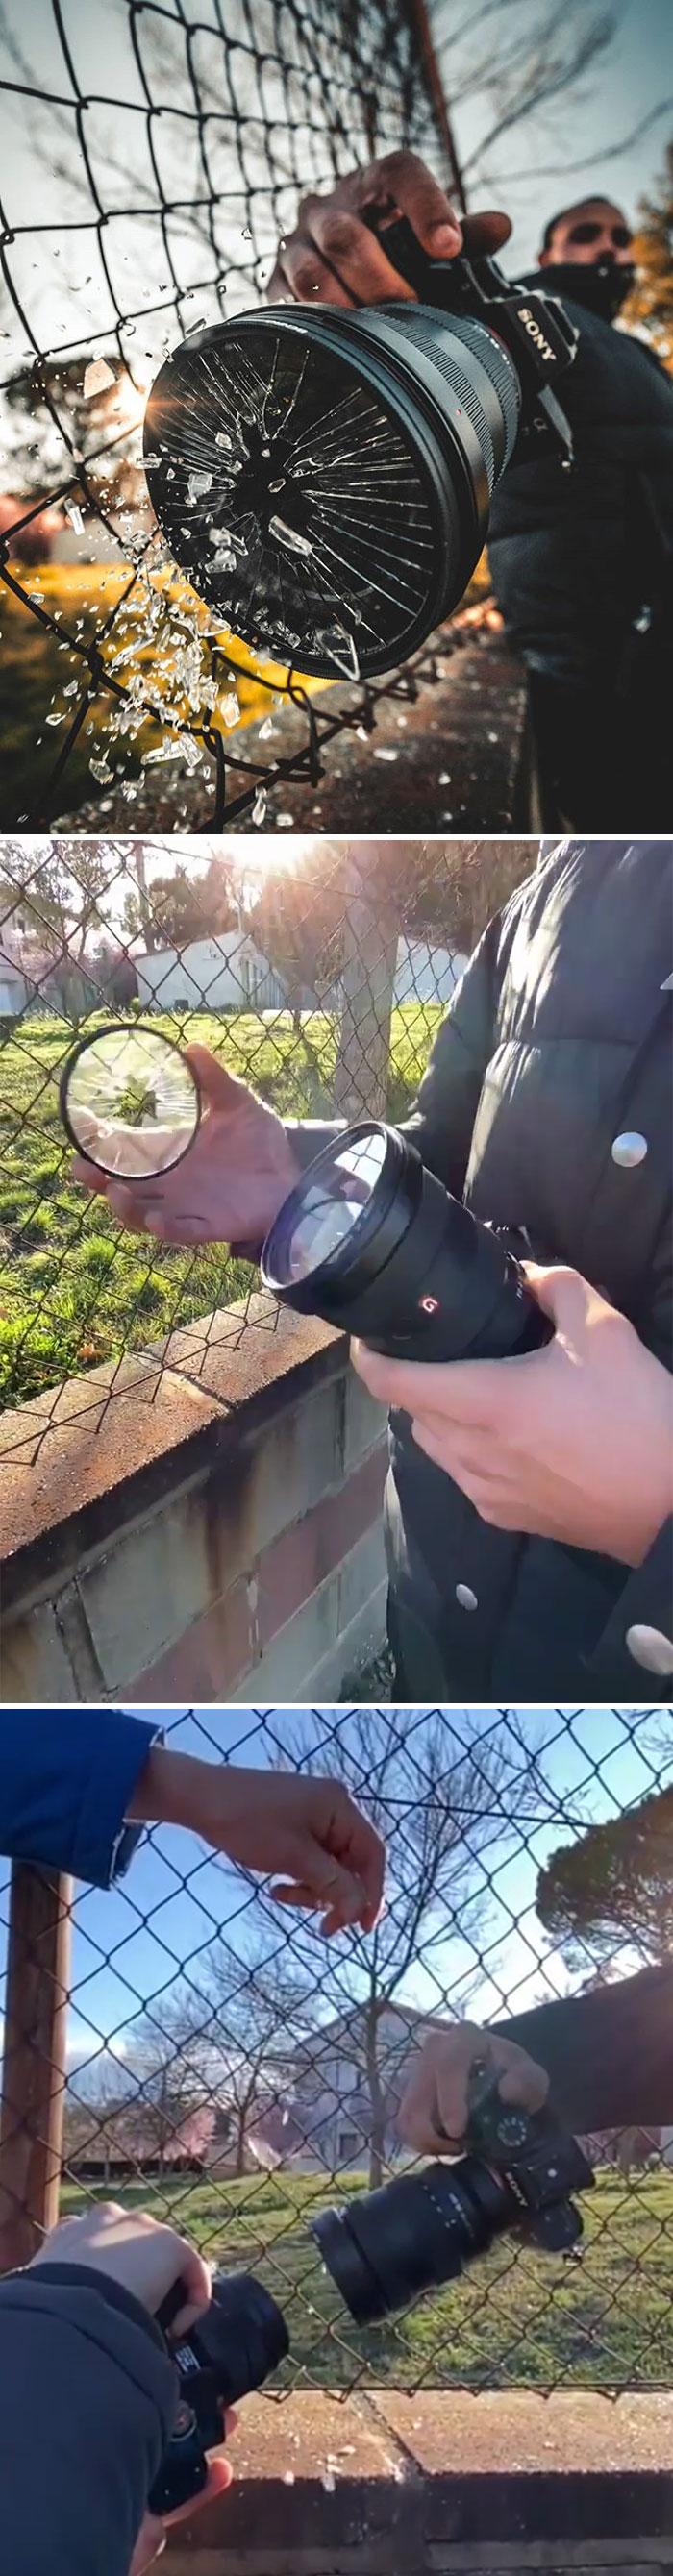 5f6db2f4cae1e photography tricks jordi koalitic 5f6b08d3df949  700 - Fotógrafo revela os bastidores de suas fotos épicas